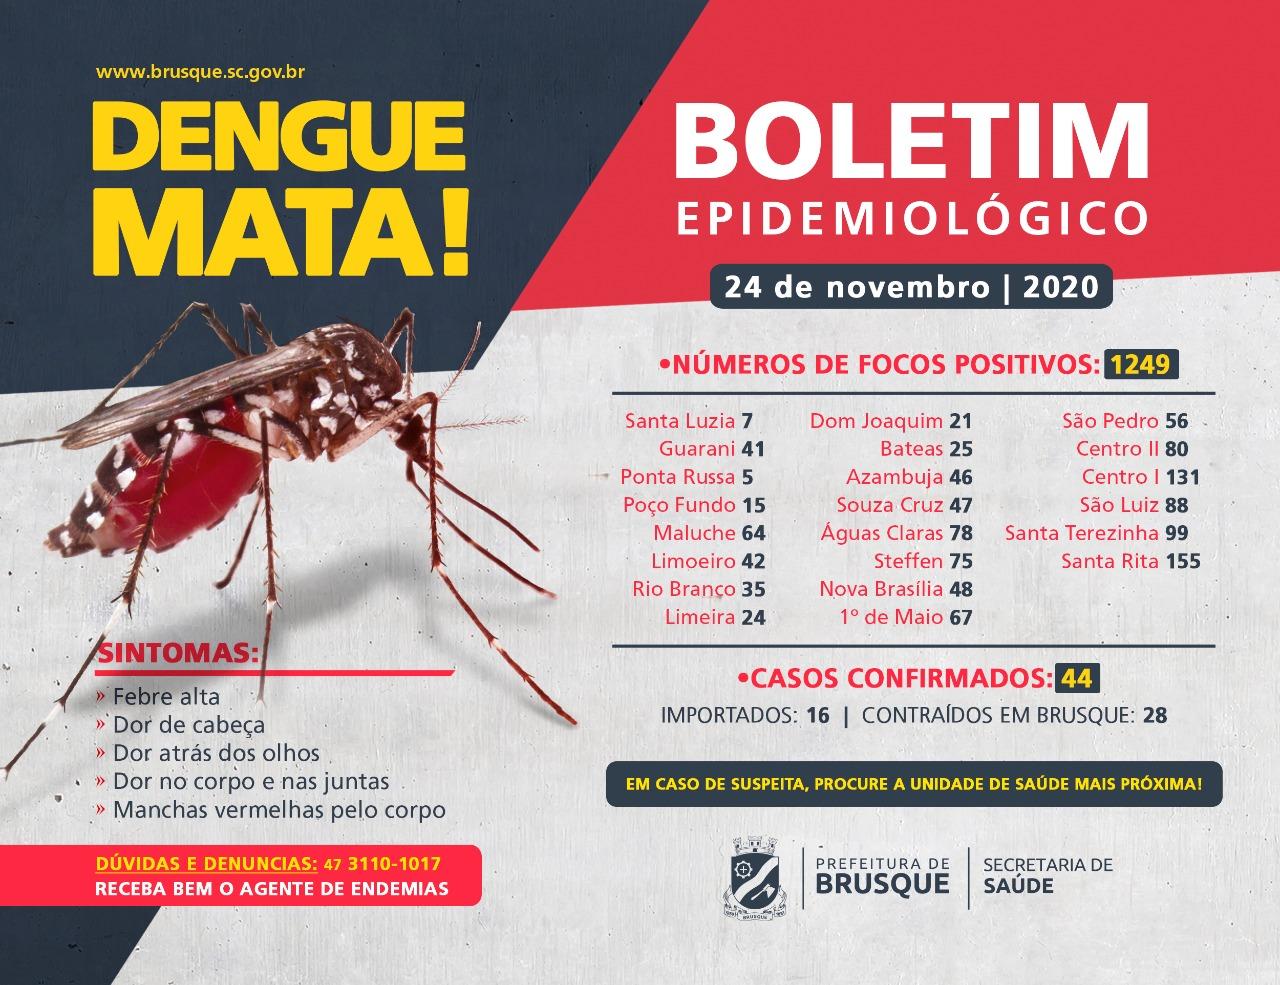 Confira o boletim epidemiológico da dengue desta terça-feira (24)